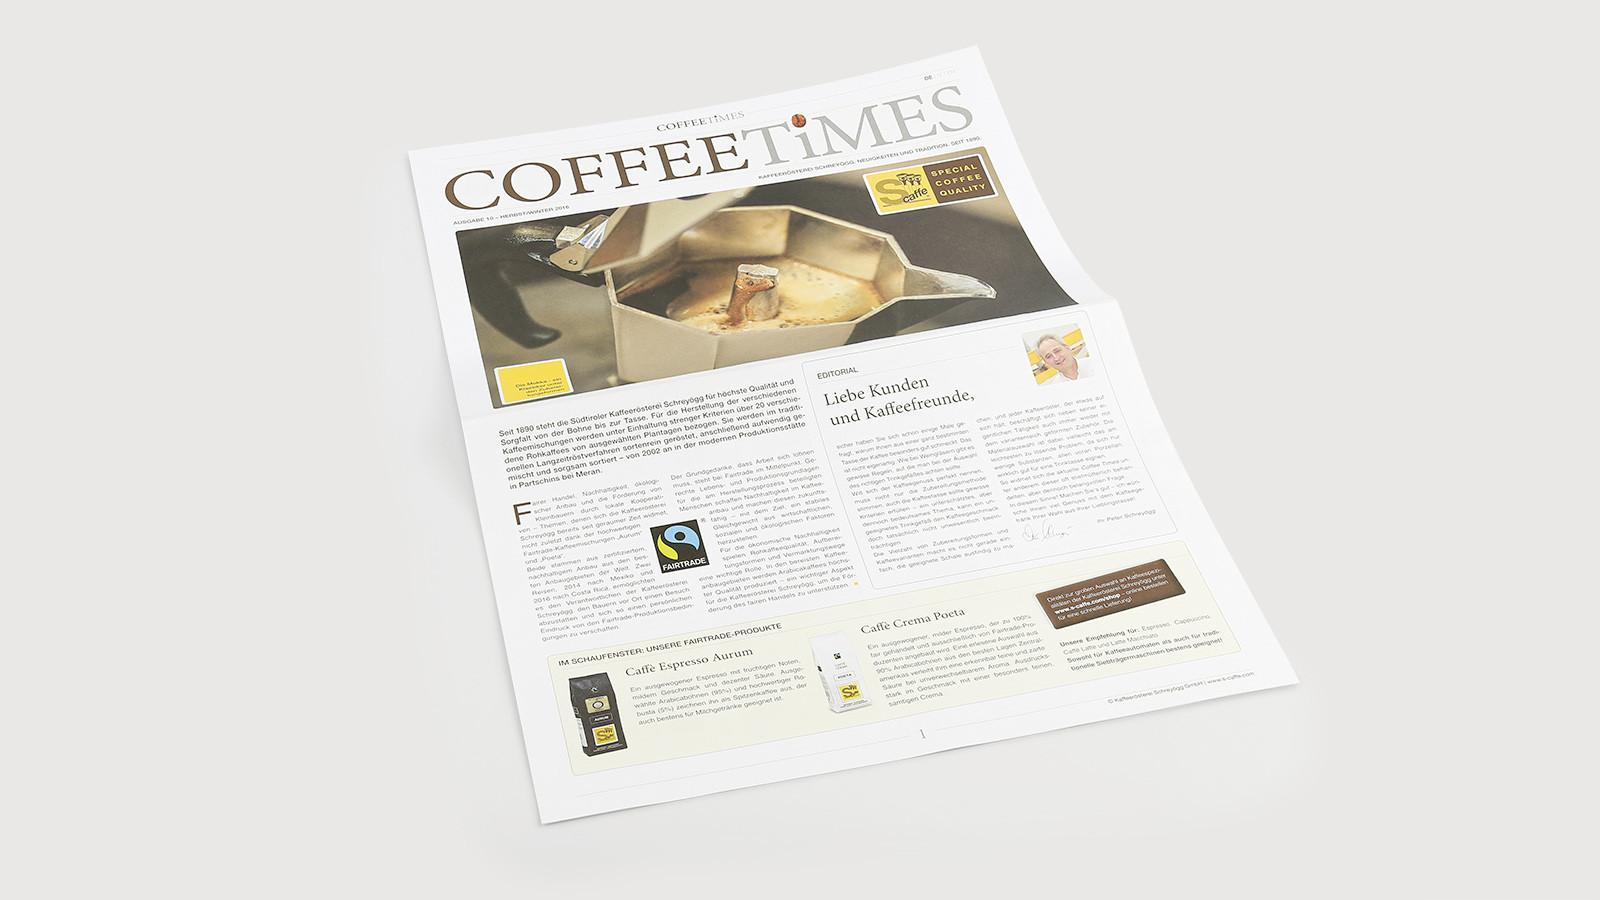 Zeitung_Coffetime_01.jpg